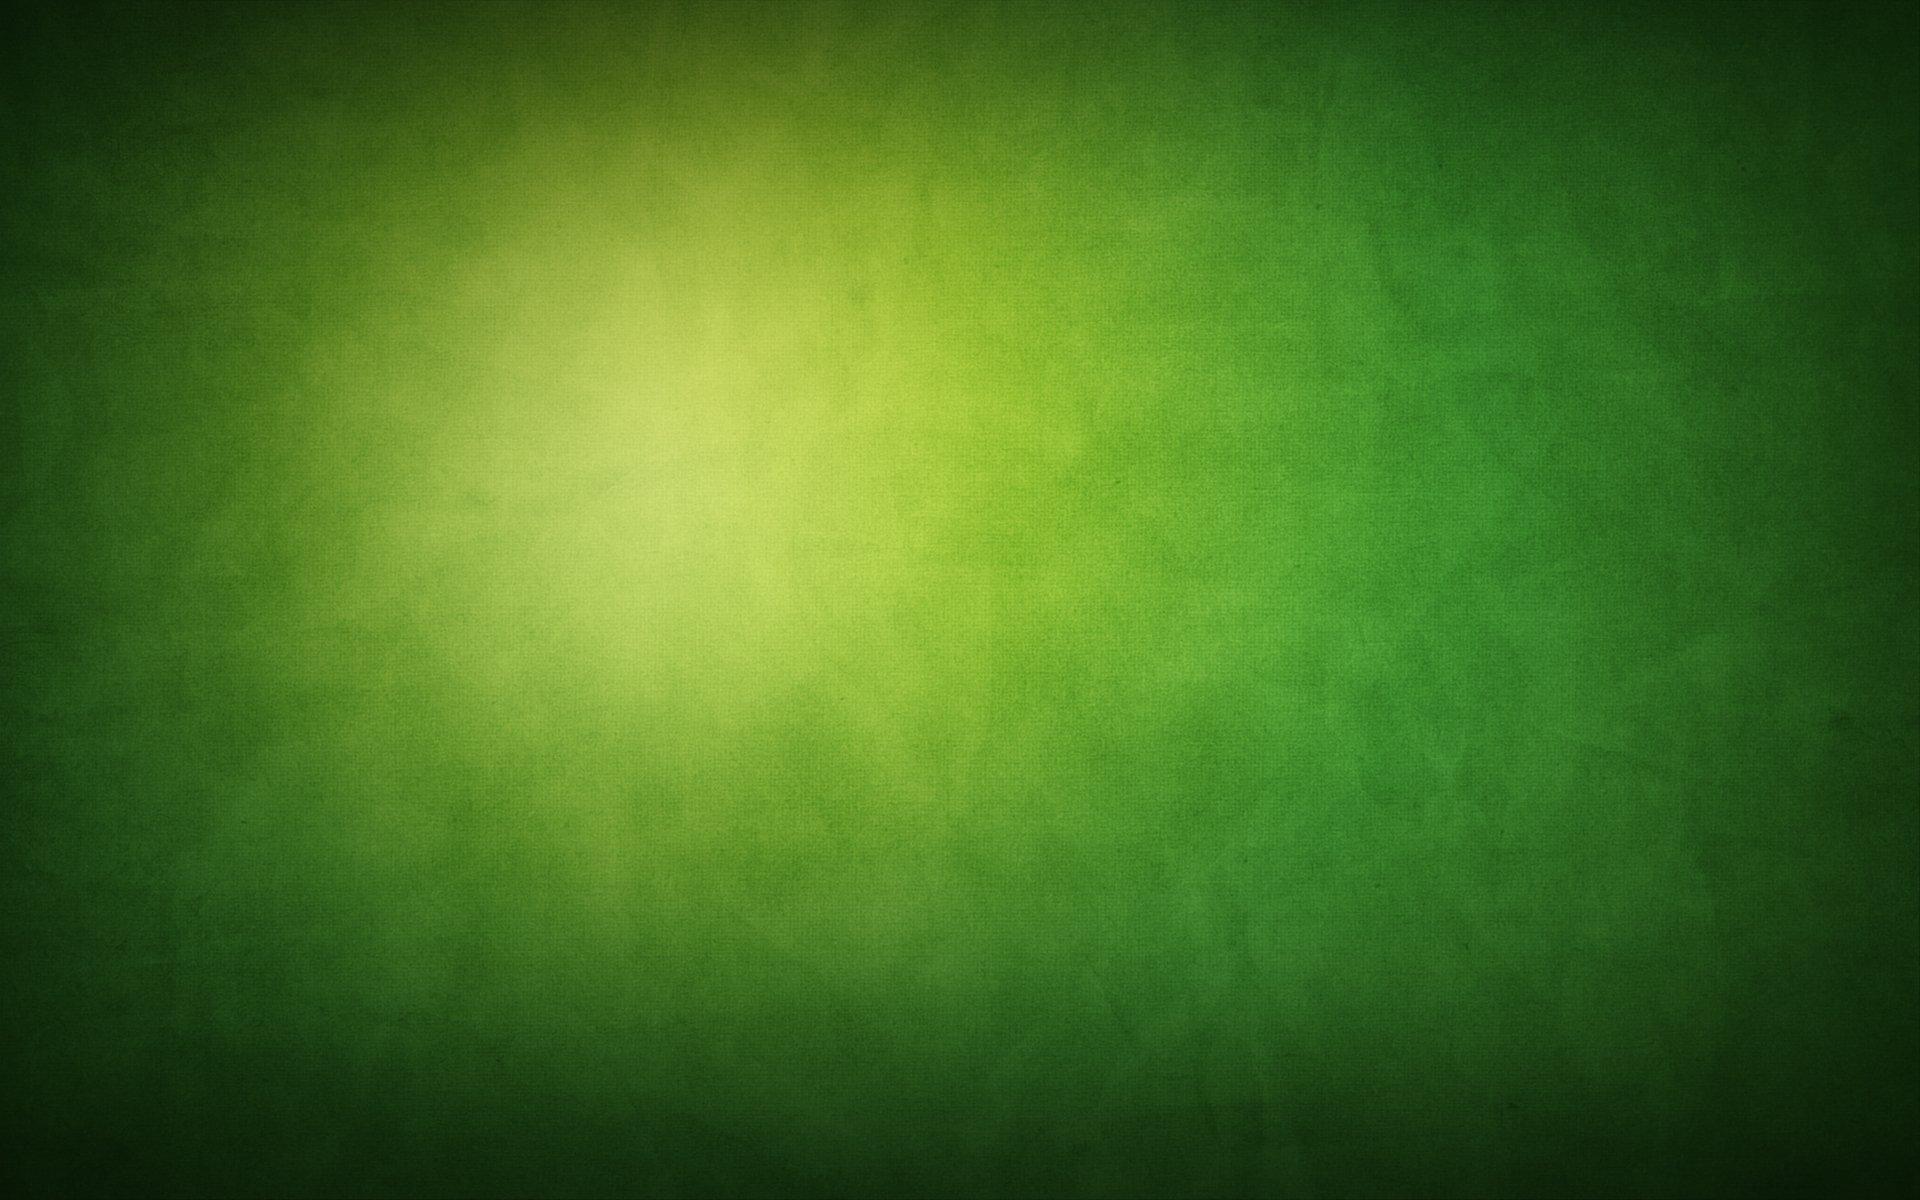 Green Wallpaper 3 1920x1200